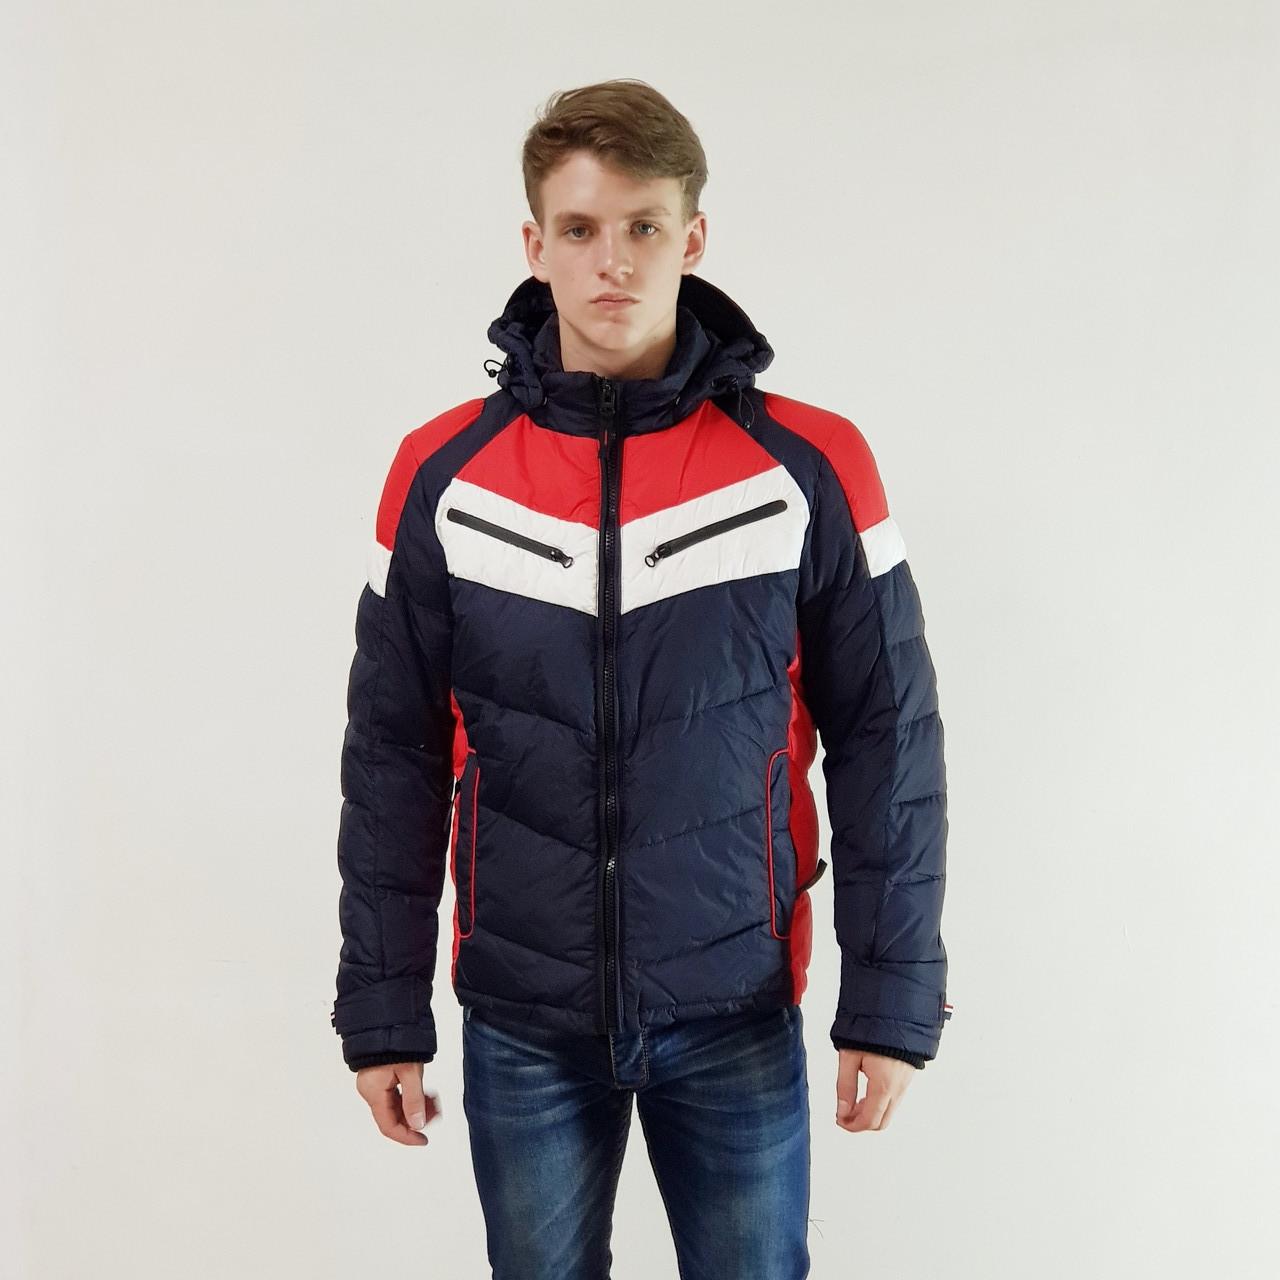 Куртка мужская зимняя Snowimage с капюшоном 46 синий 141-3349